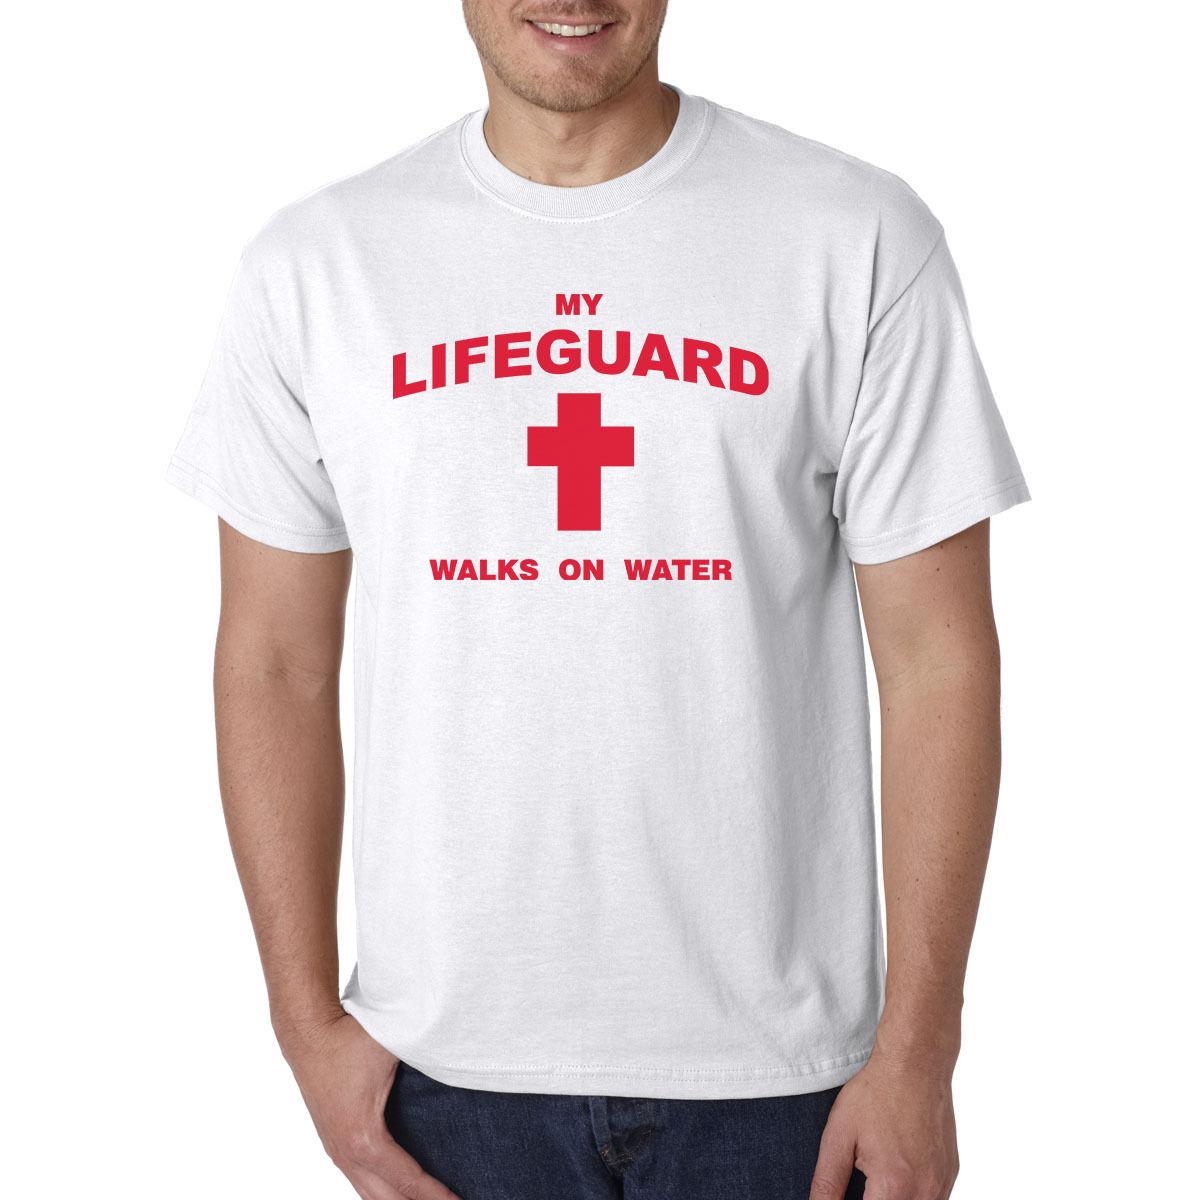 My Lifeguard Walks On Water T Shirt Christian Catholic